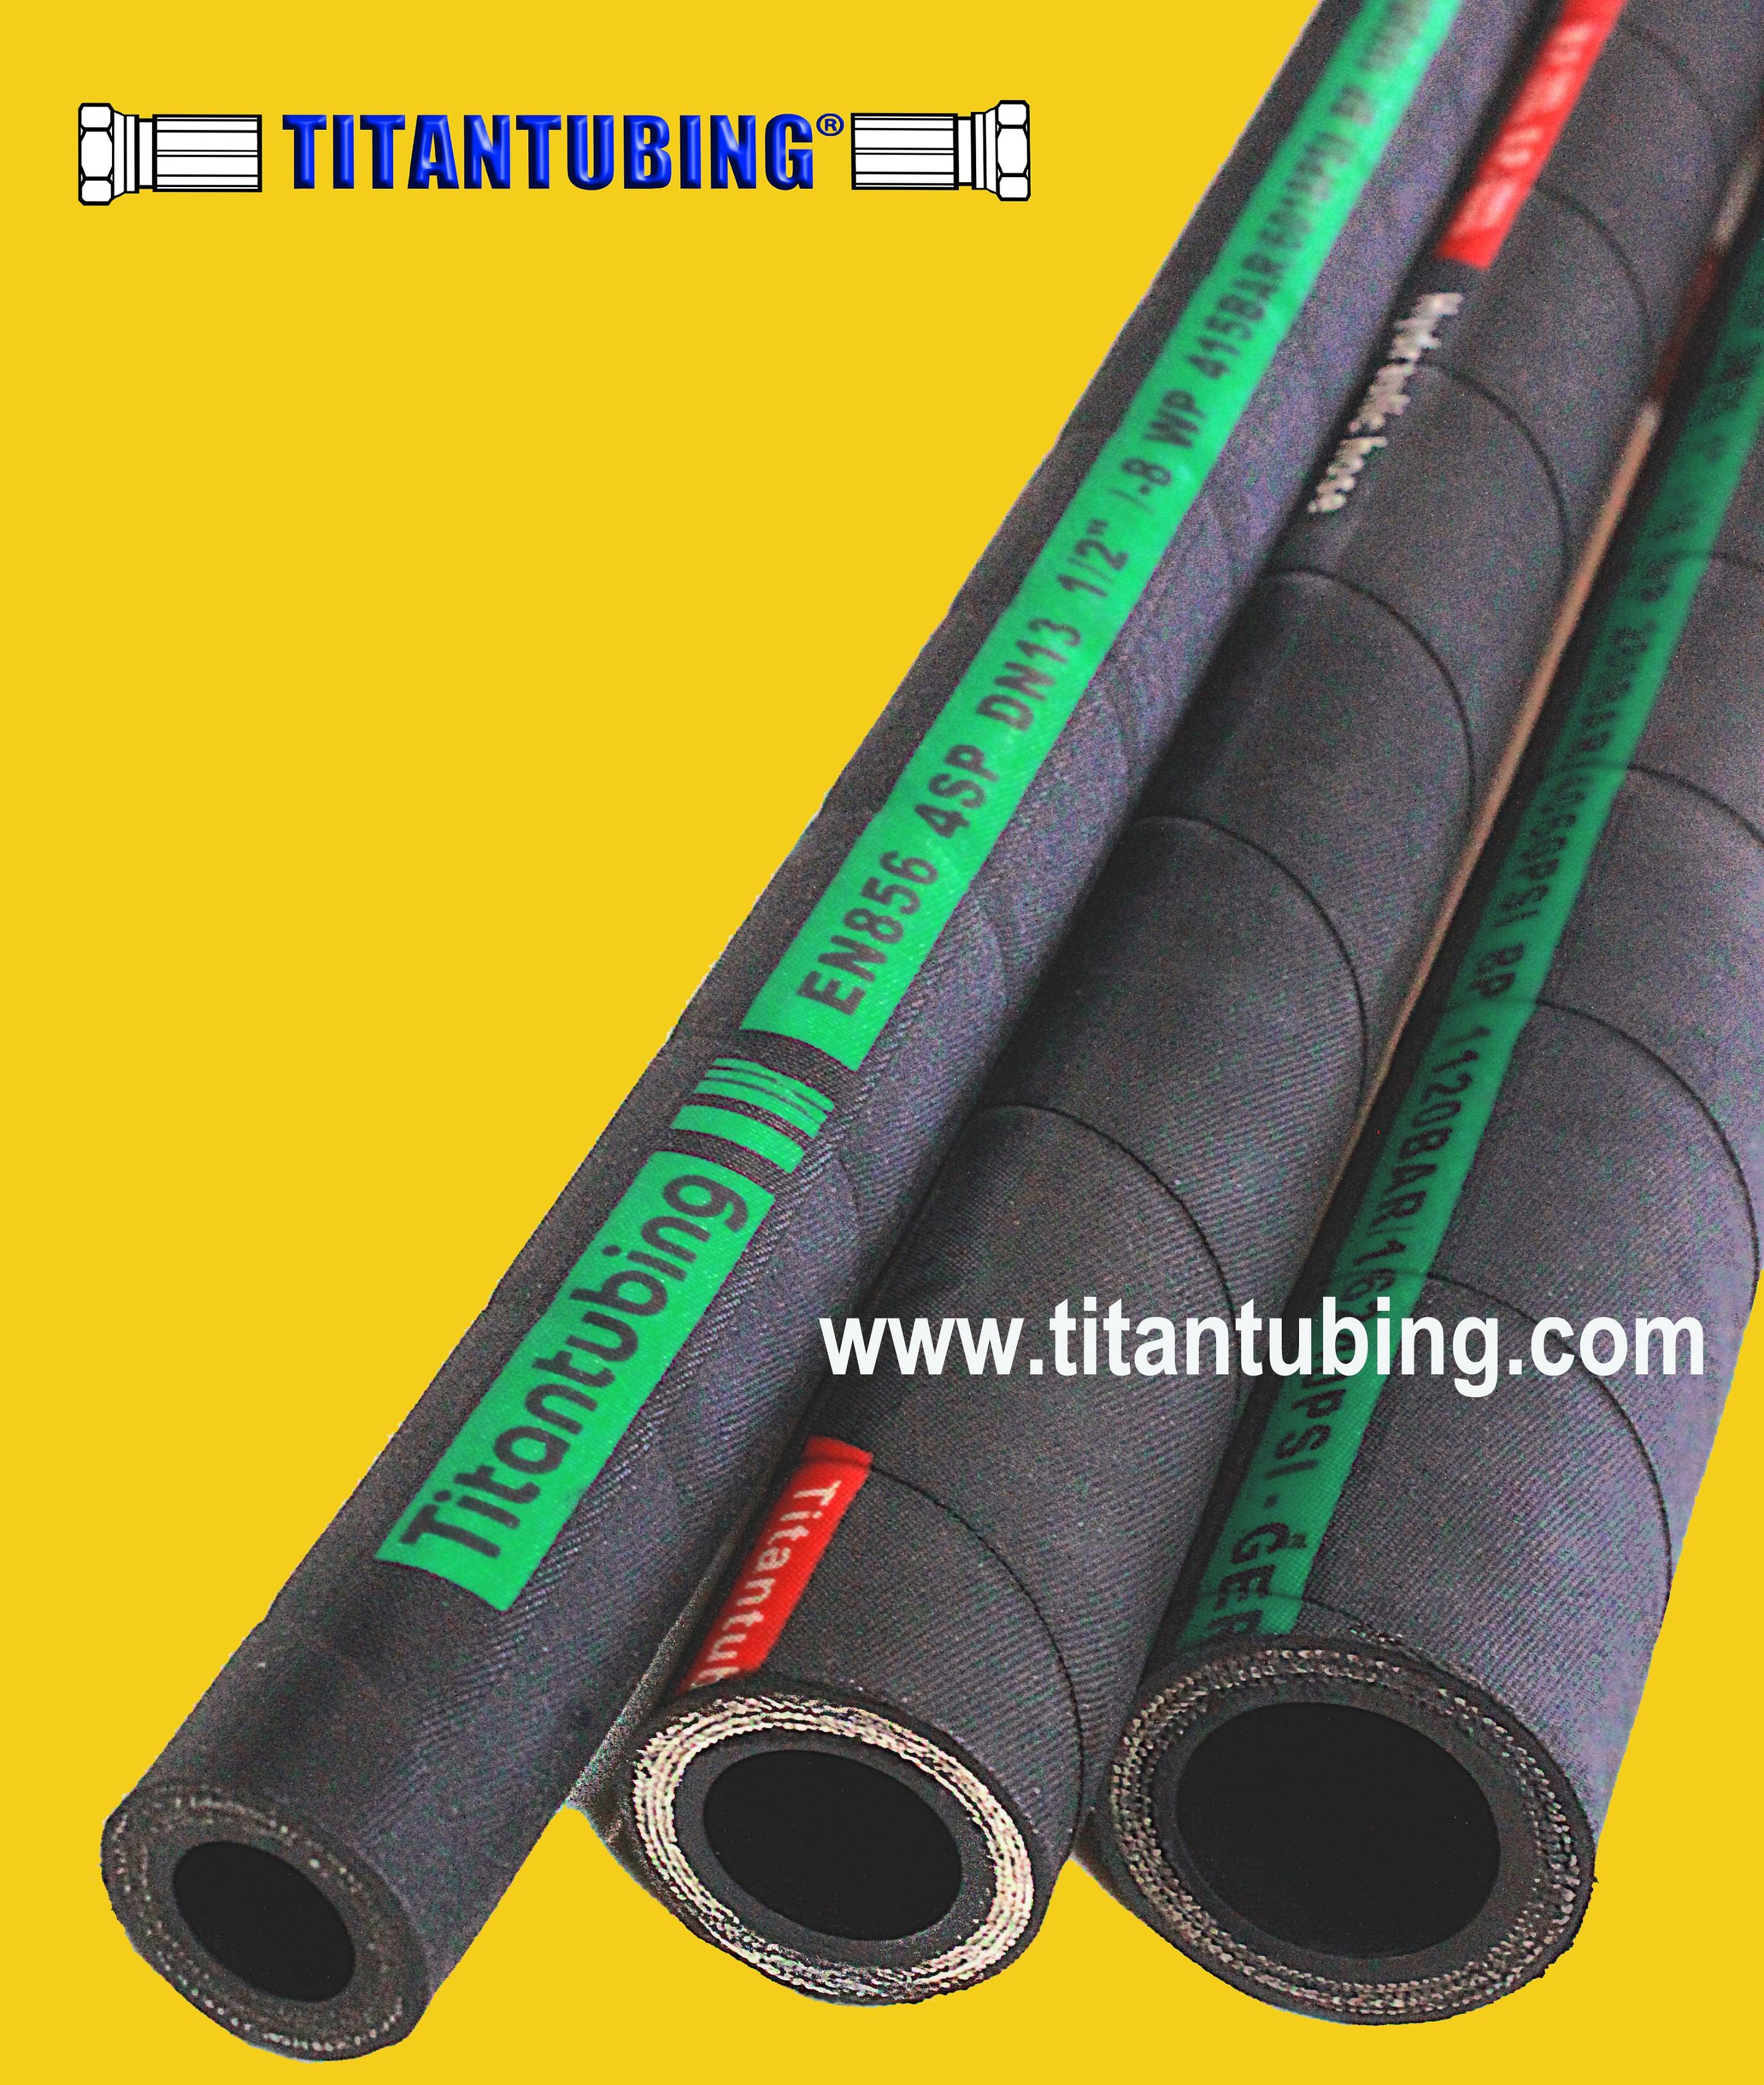 多用途胶管 液压胶管 钢丝缠绕管 EN853 1SN/SAE100 燃油管 空气管  高压油管 钢丝缠绕胶管